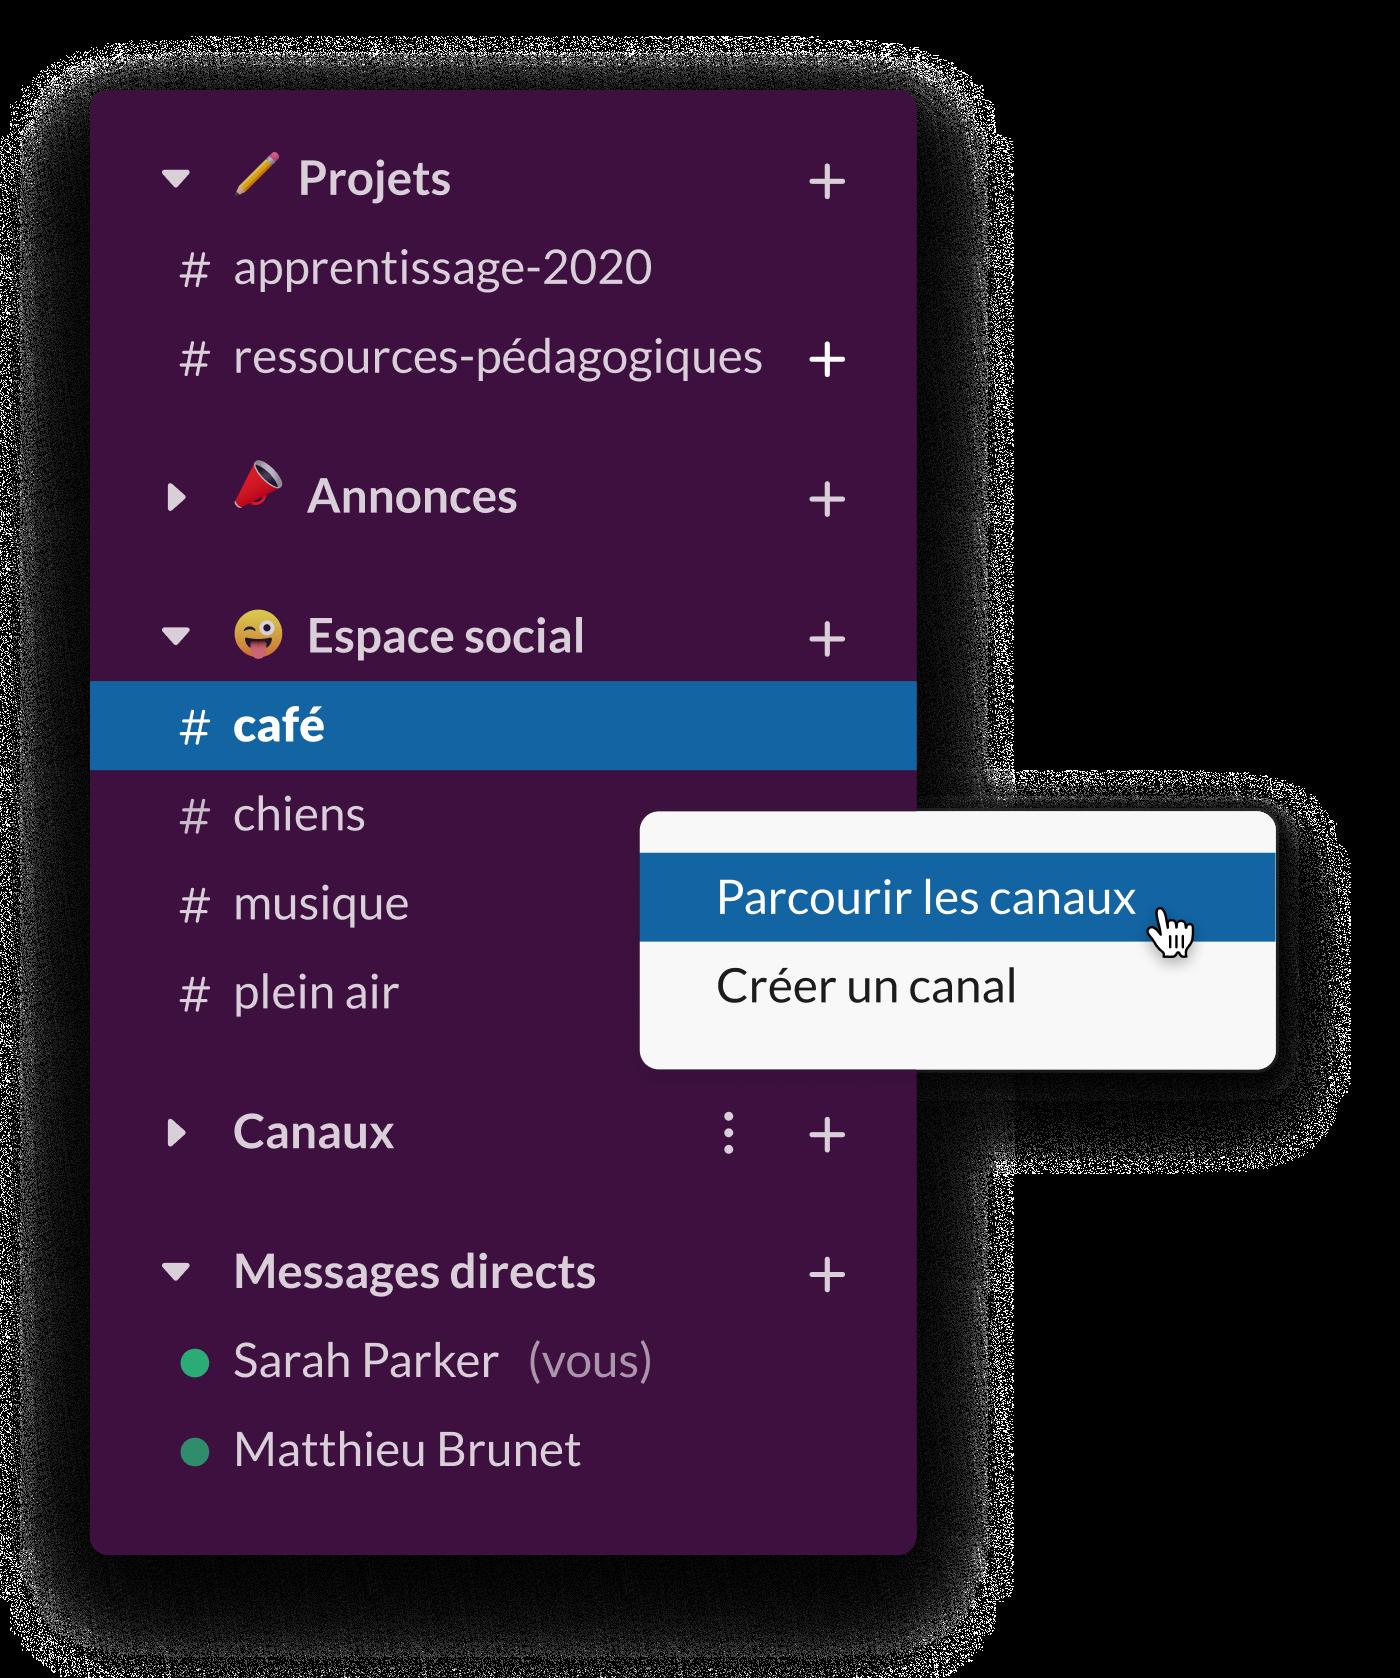 Une barre latérale Slack montrant plusieurs canaux sociaux, dont #café et #chiens